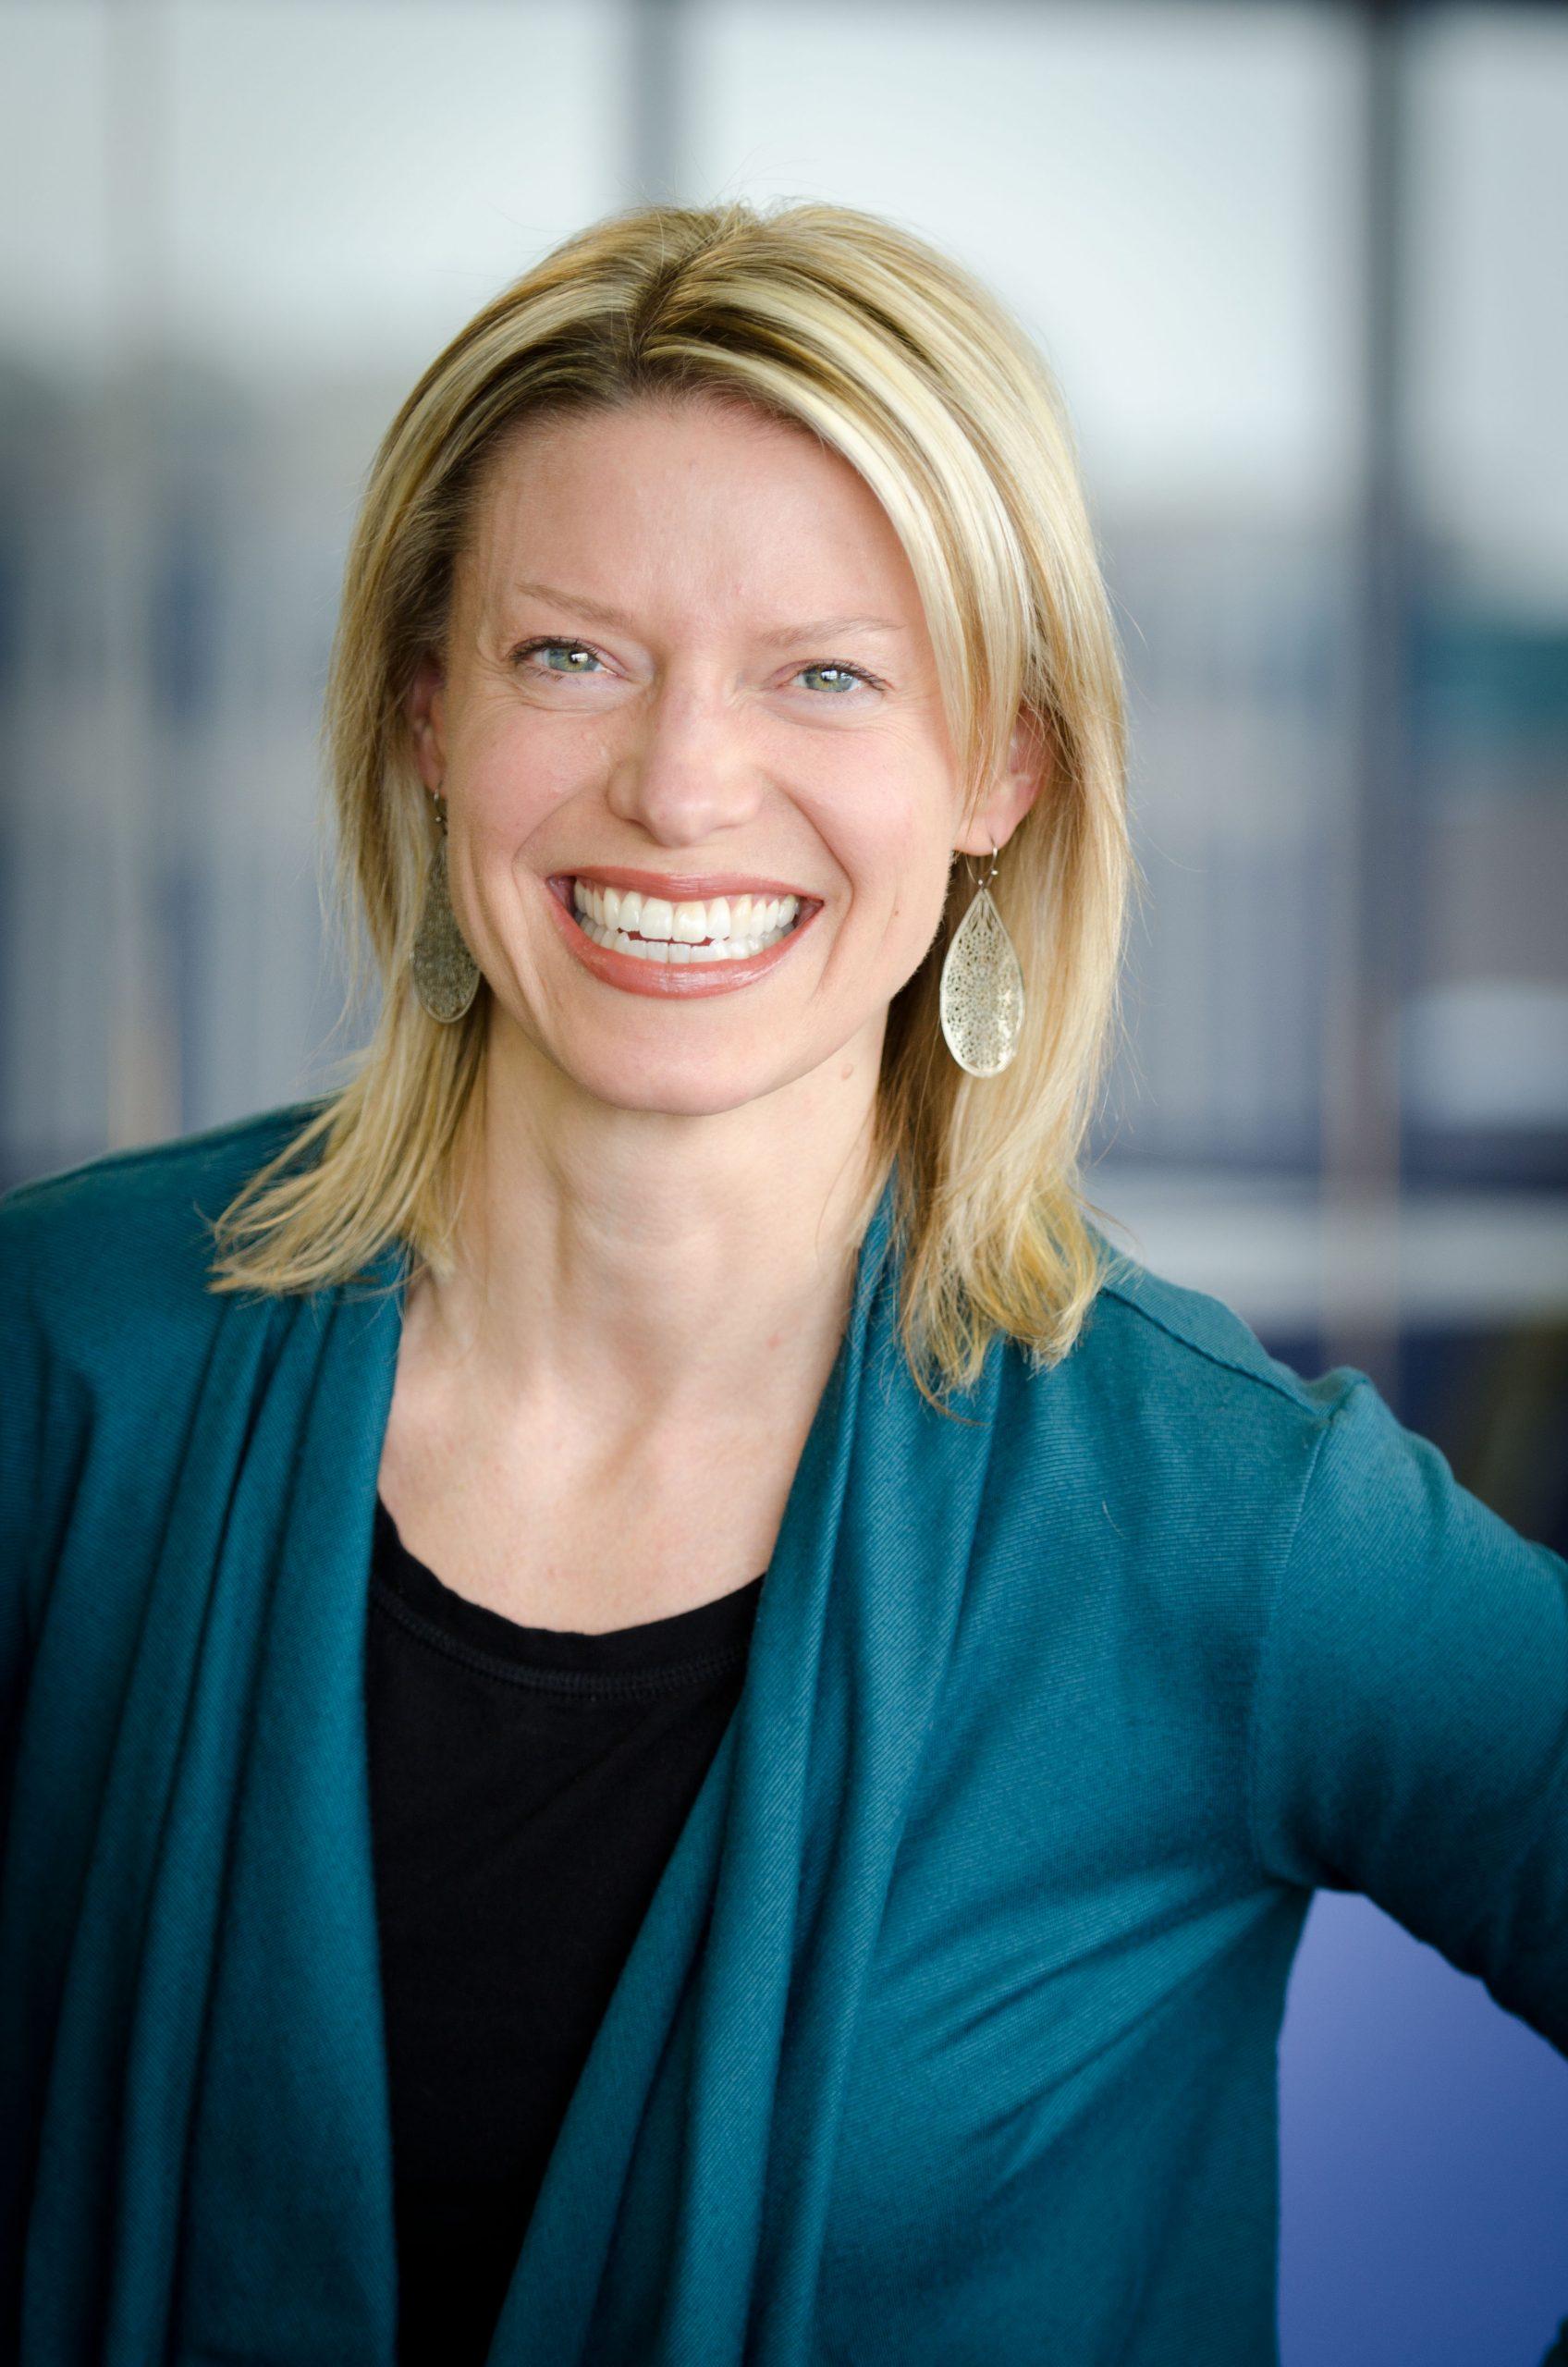 Shelli Lissick